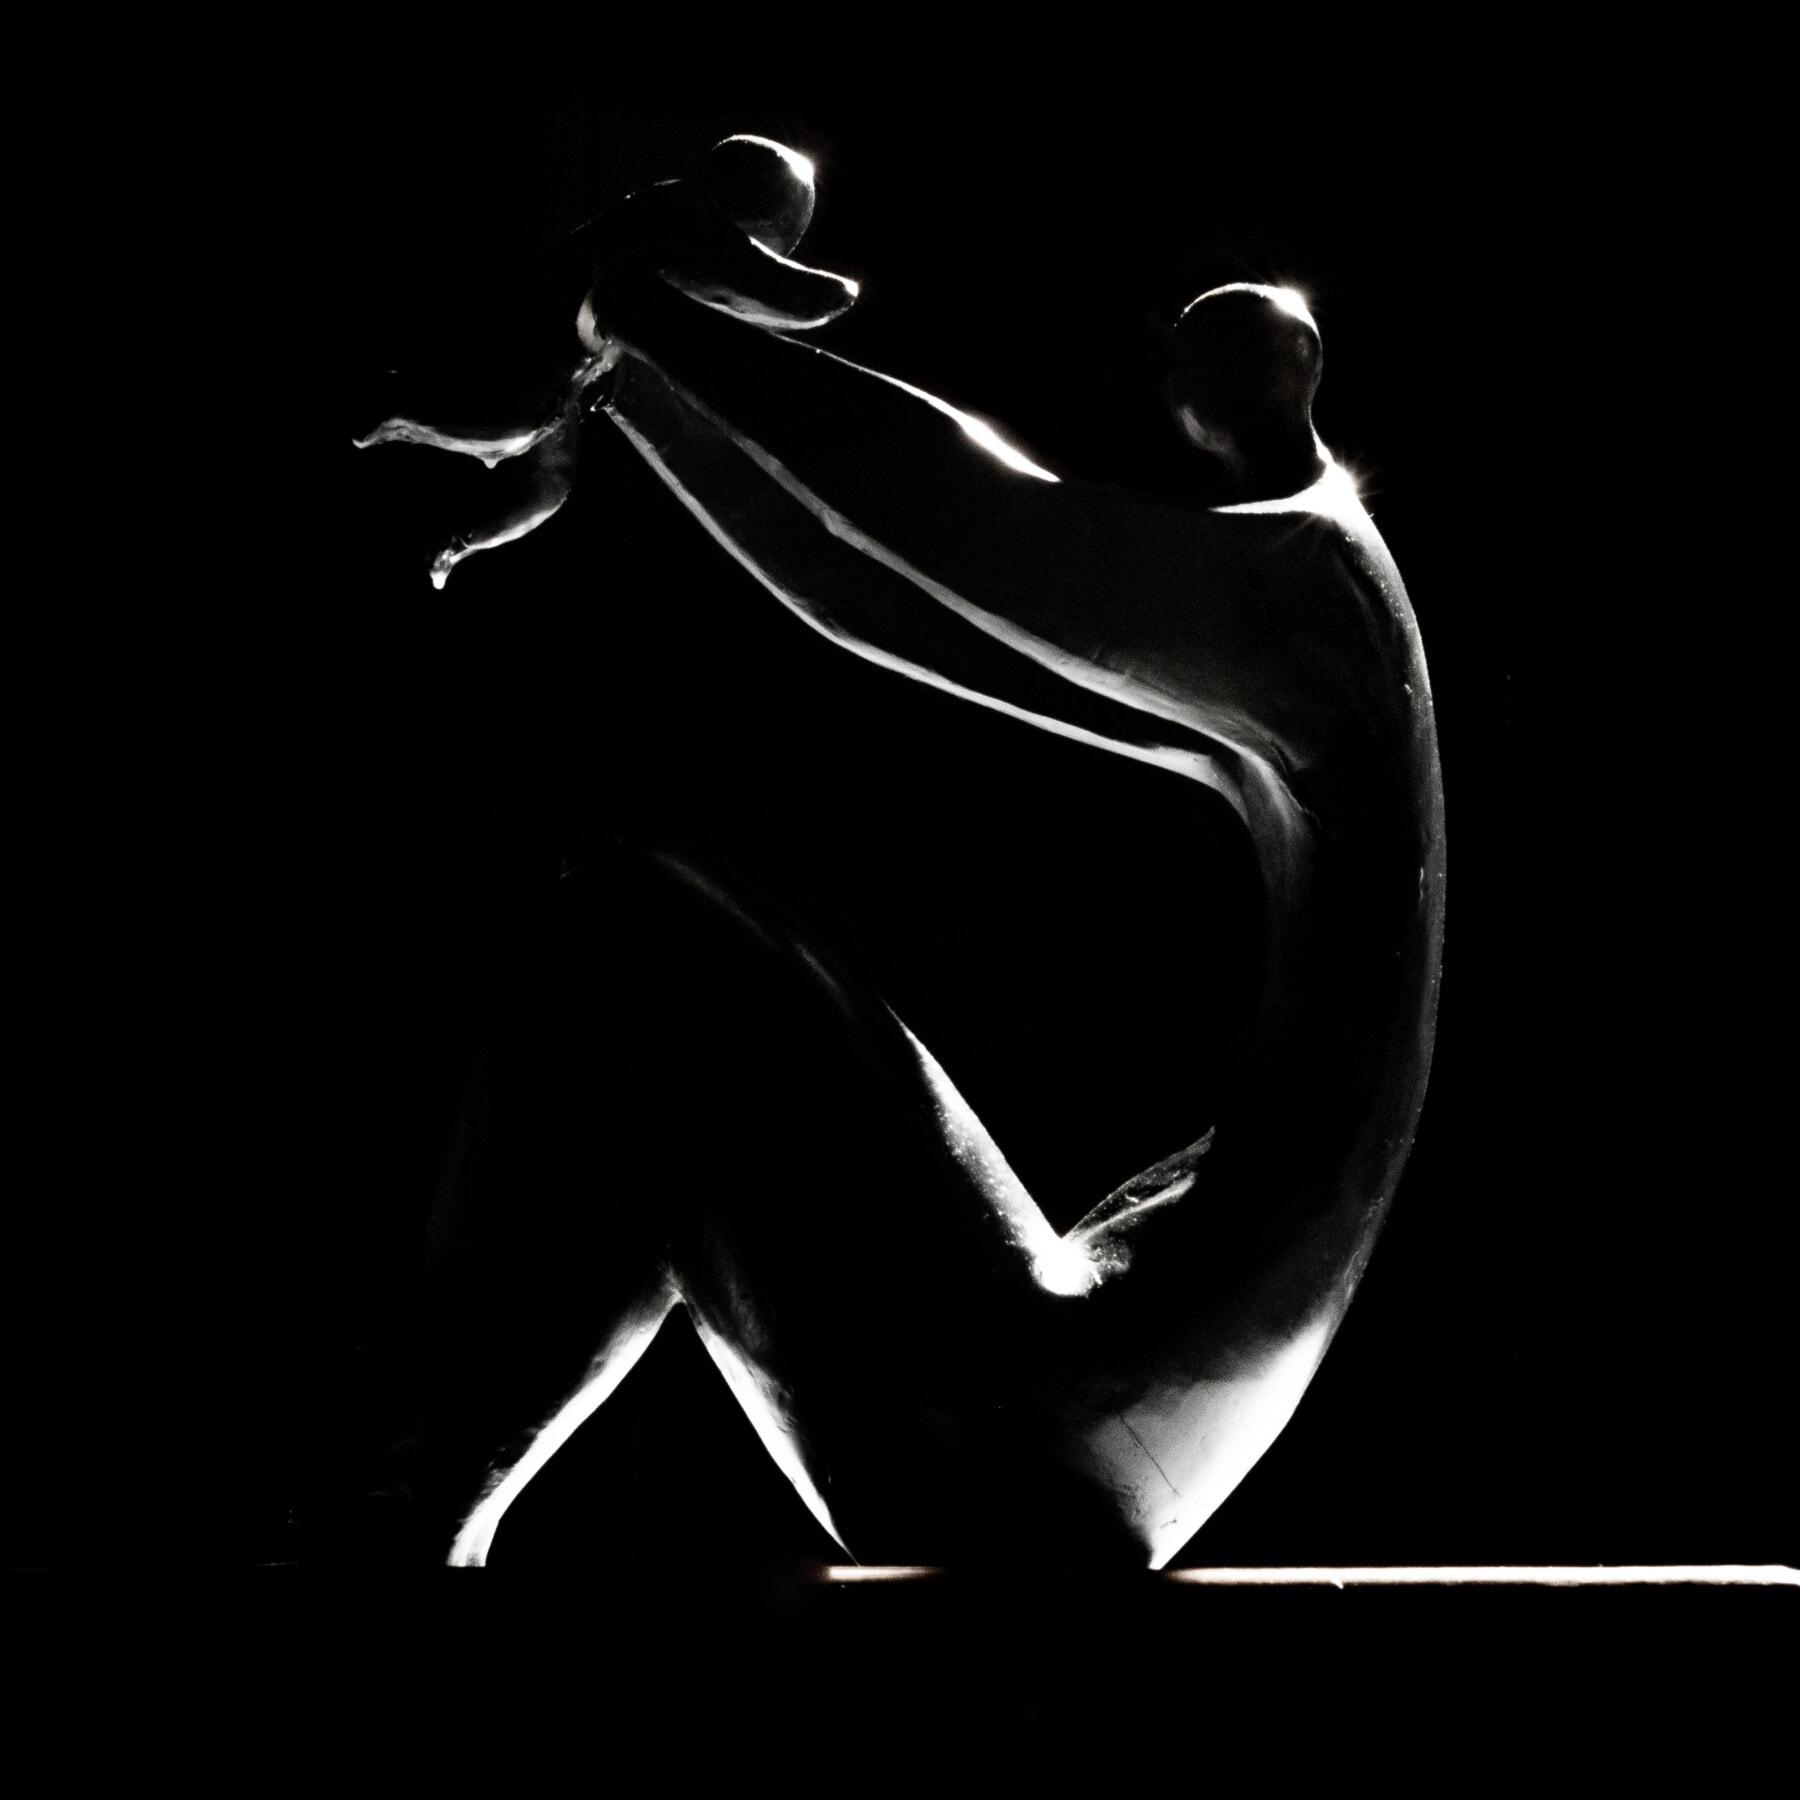 Skulptur, schwarz und weiß, Fotostudio, Mutterschaft, untergeordnete, übergeordnete, Fotografie, Schatten, Elternschaft, Dunkelheit